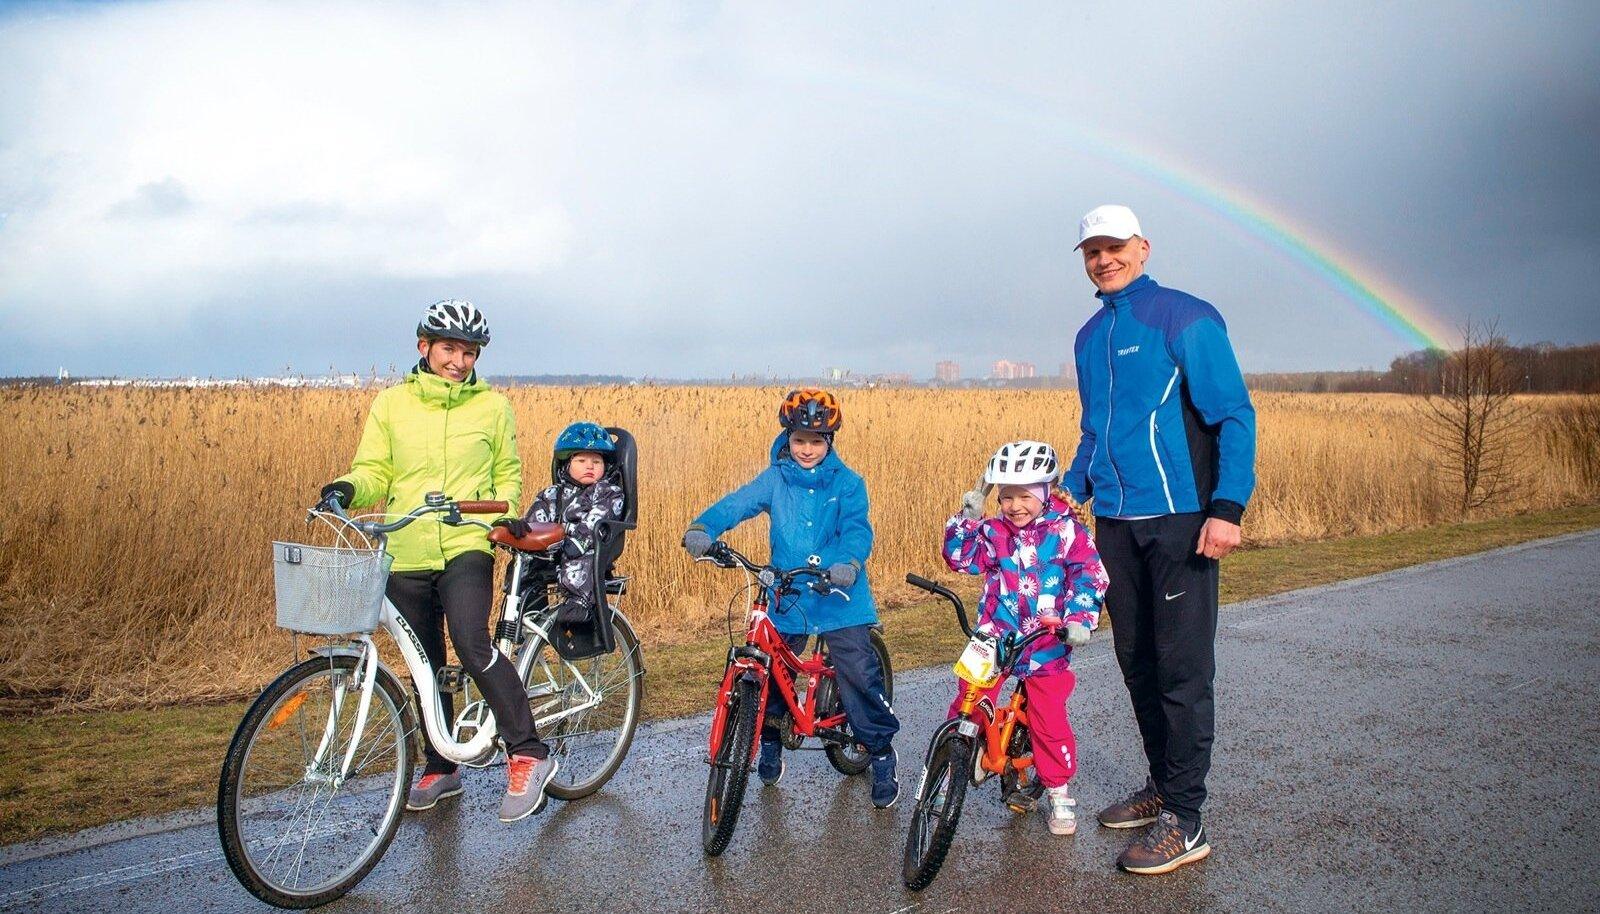 Trevor ja Kendra õppisid rattasõidu selgeks juba kolmeselt. Mõlemad käivad rõõmuga ka ema Jana, isa Tarvo ja pisivenna Trevisega rattaga sõitmas.